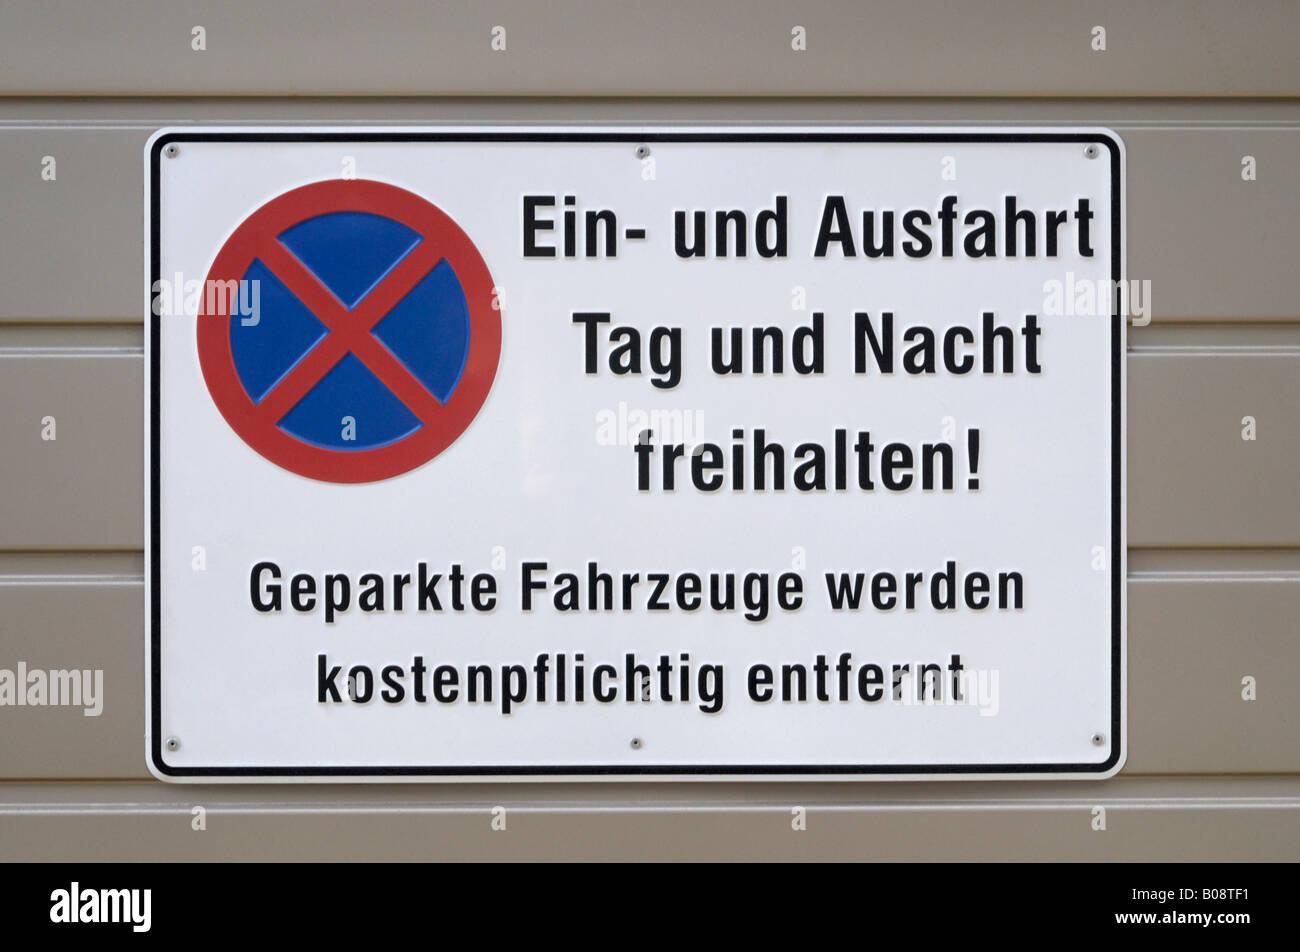 No parking sign, 'Ein- und Ausfahrt Tag und Nacht freihalten! Geparkte Fahrzeuge werden kostenpflichtig abgeschleppt' - Stock Image